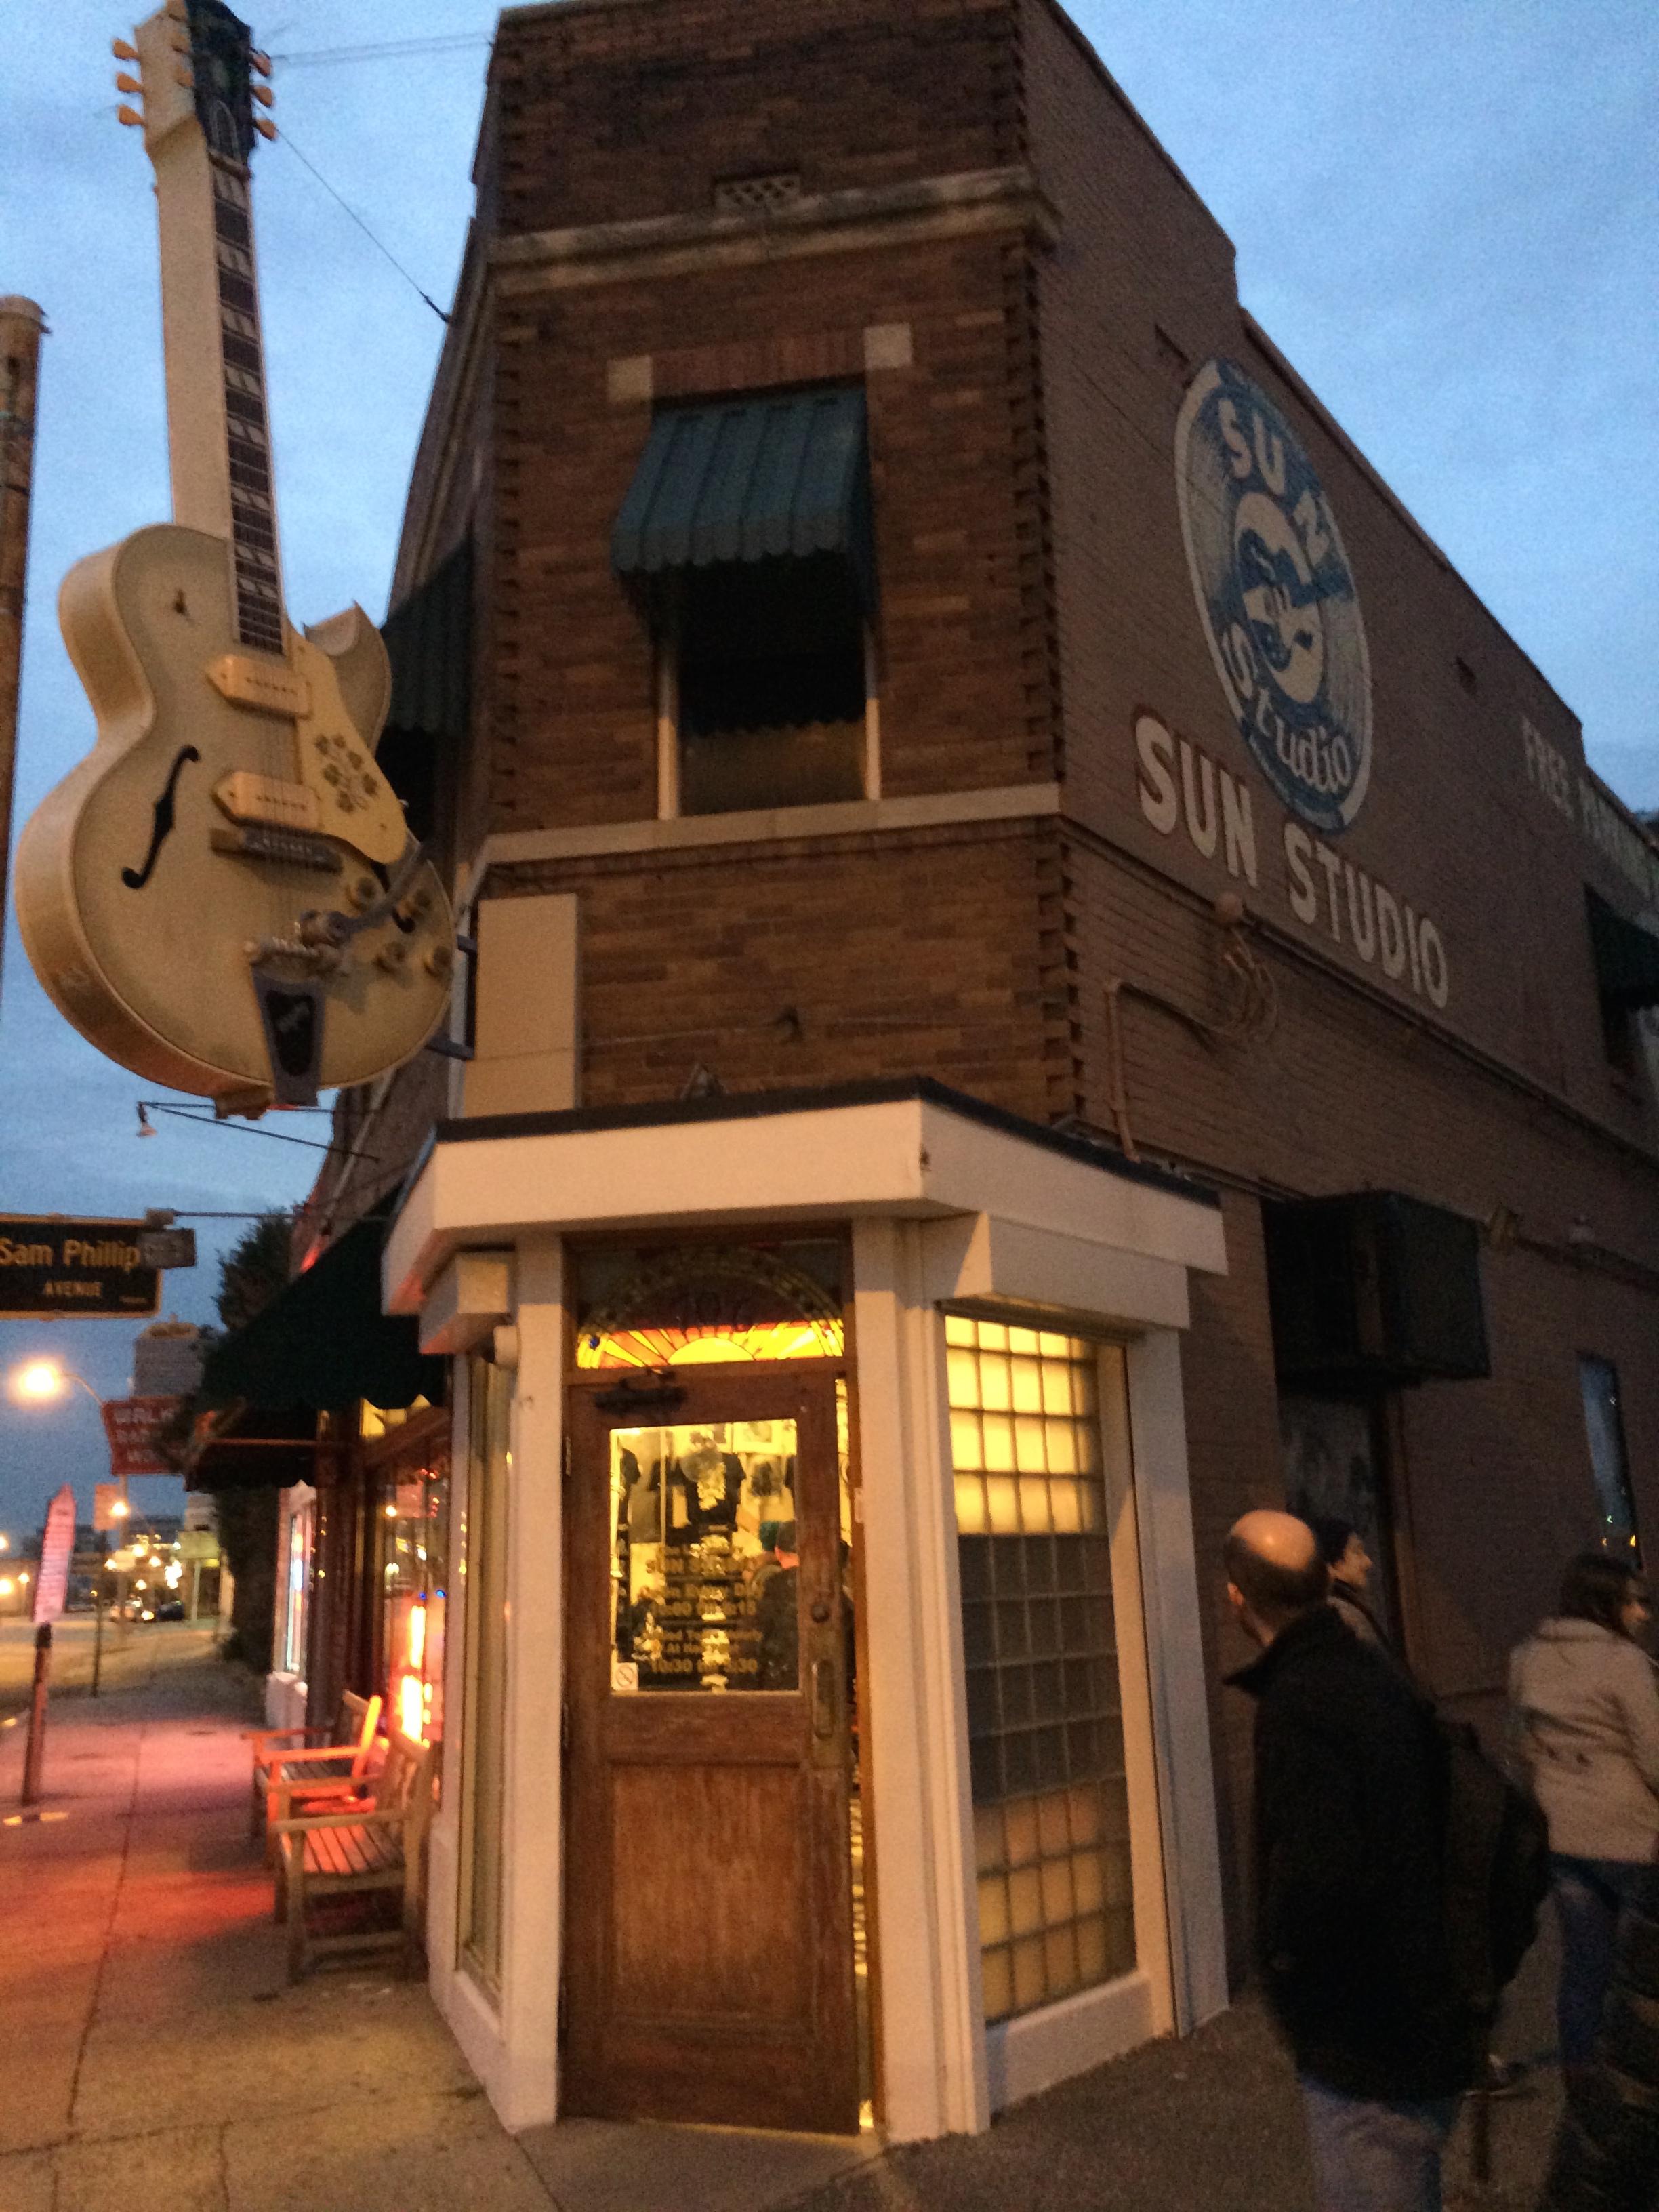 A porta de entrada da  Sun Studio .